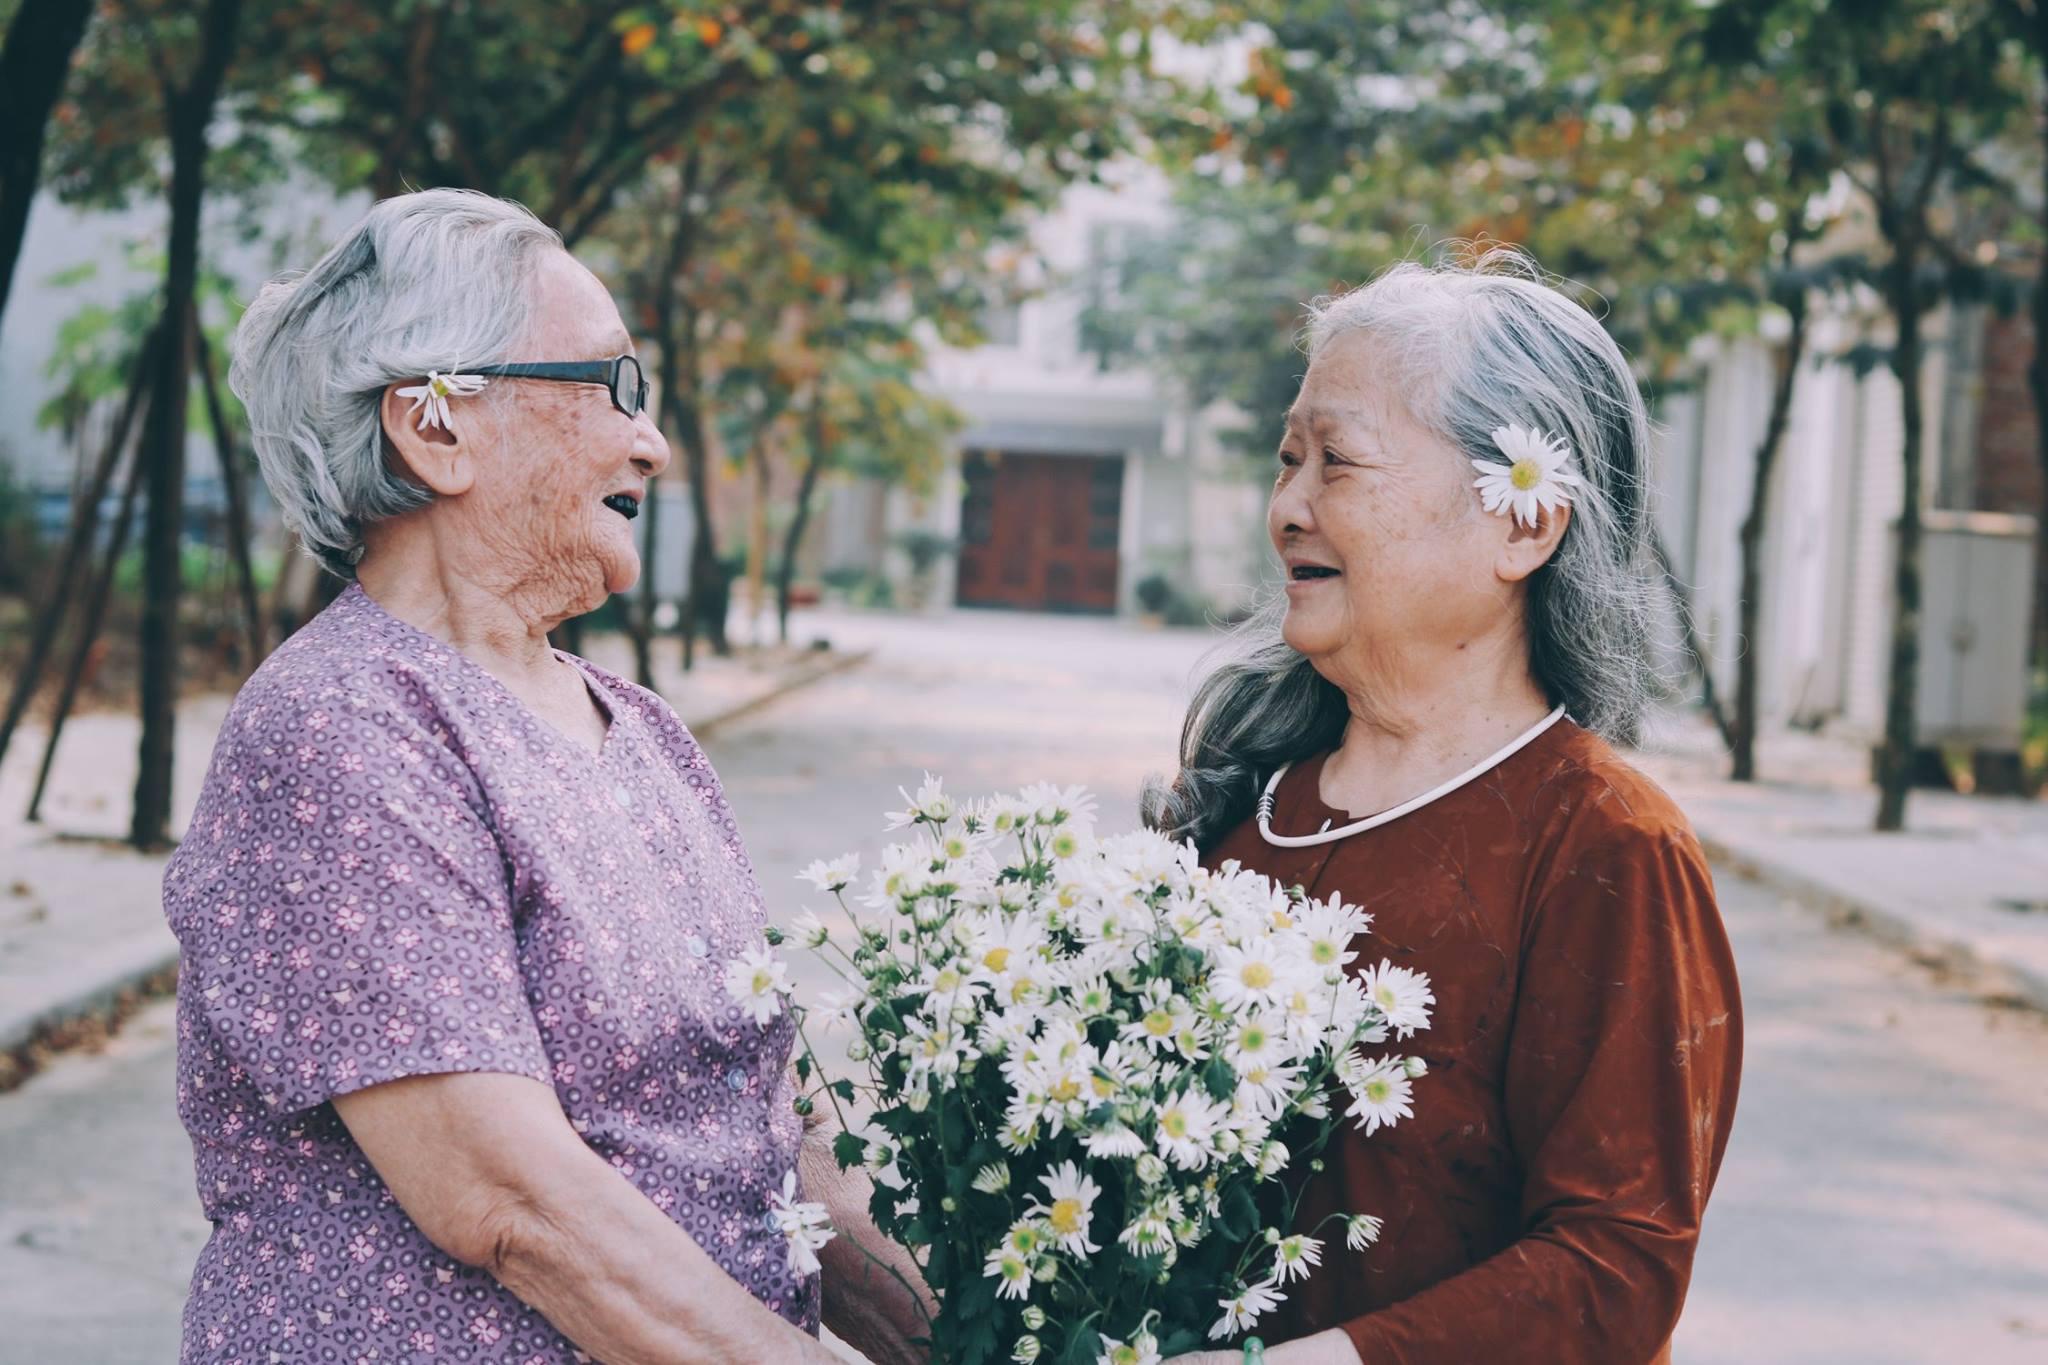 hình ảnh tình bạn tuổi già đẹp và ý nghĩa